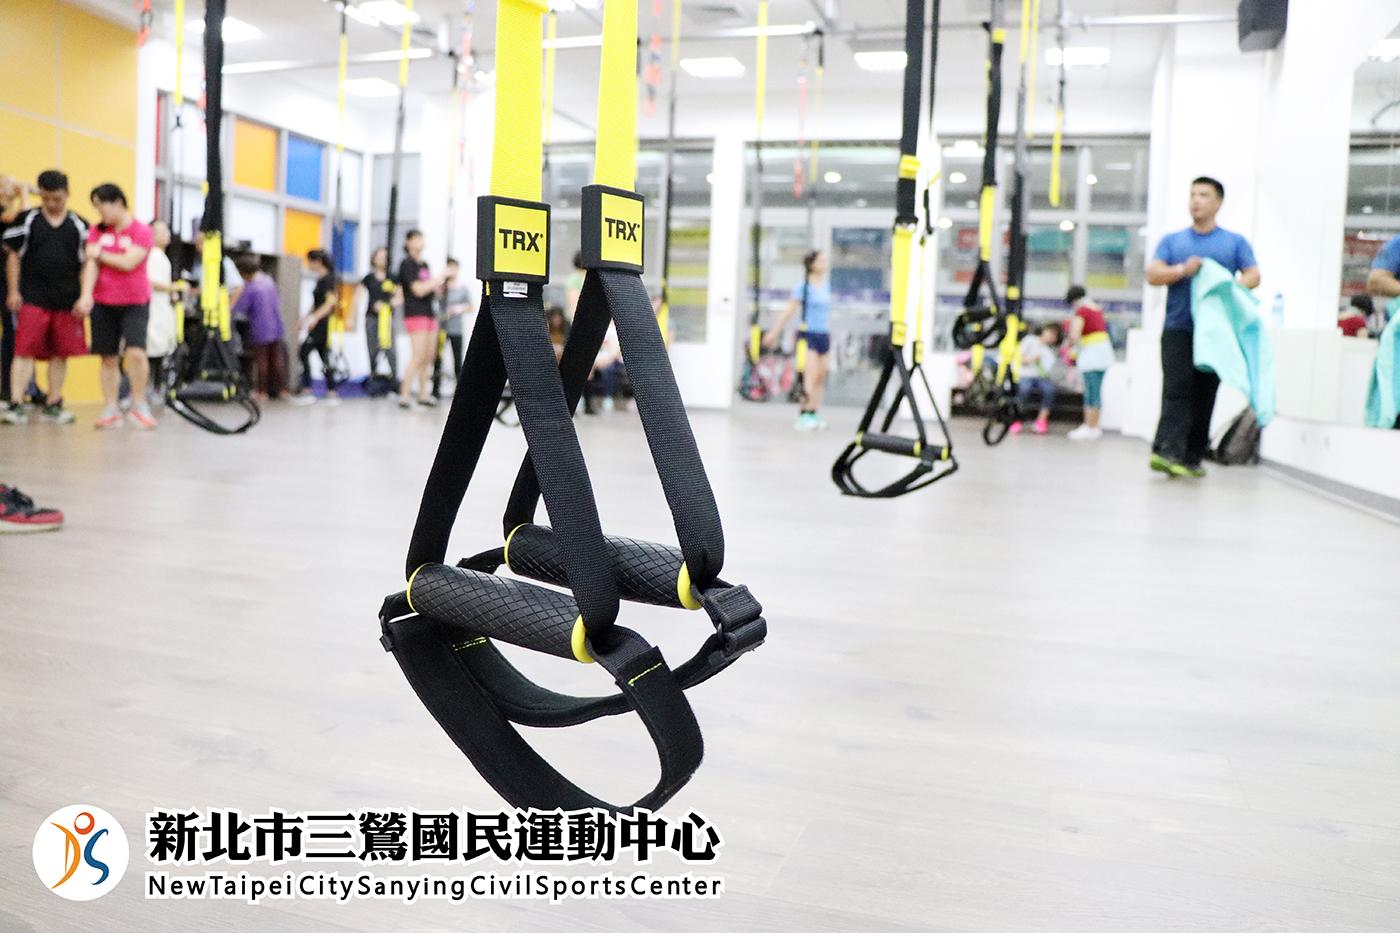 多功能教室A-吊繩特寫(jpg)